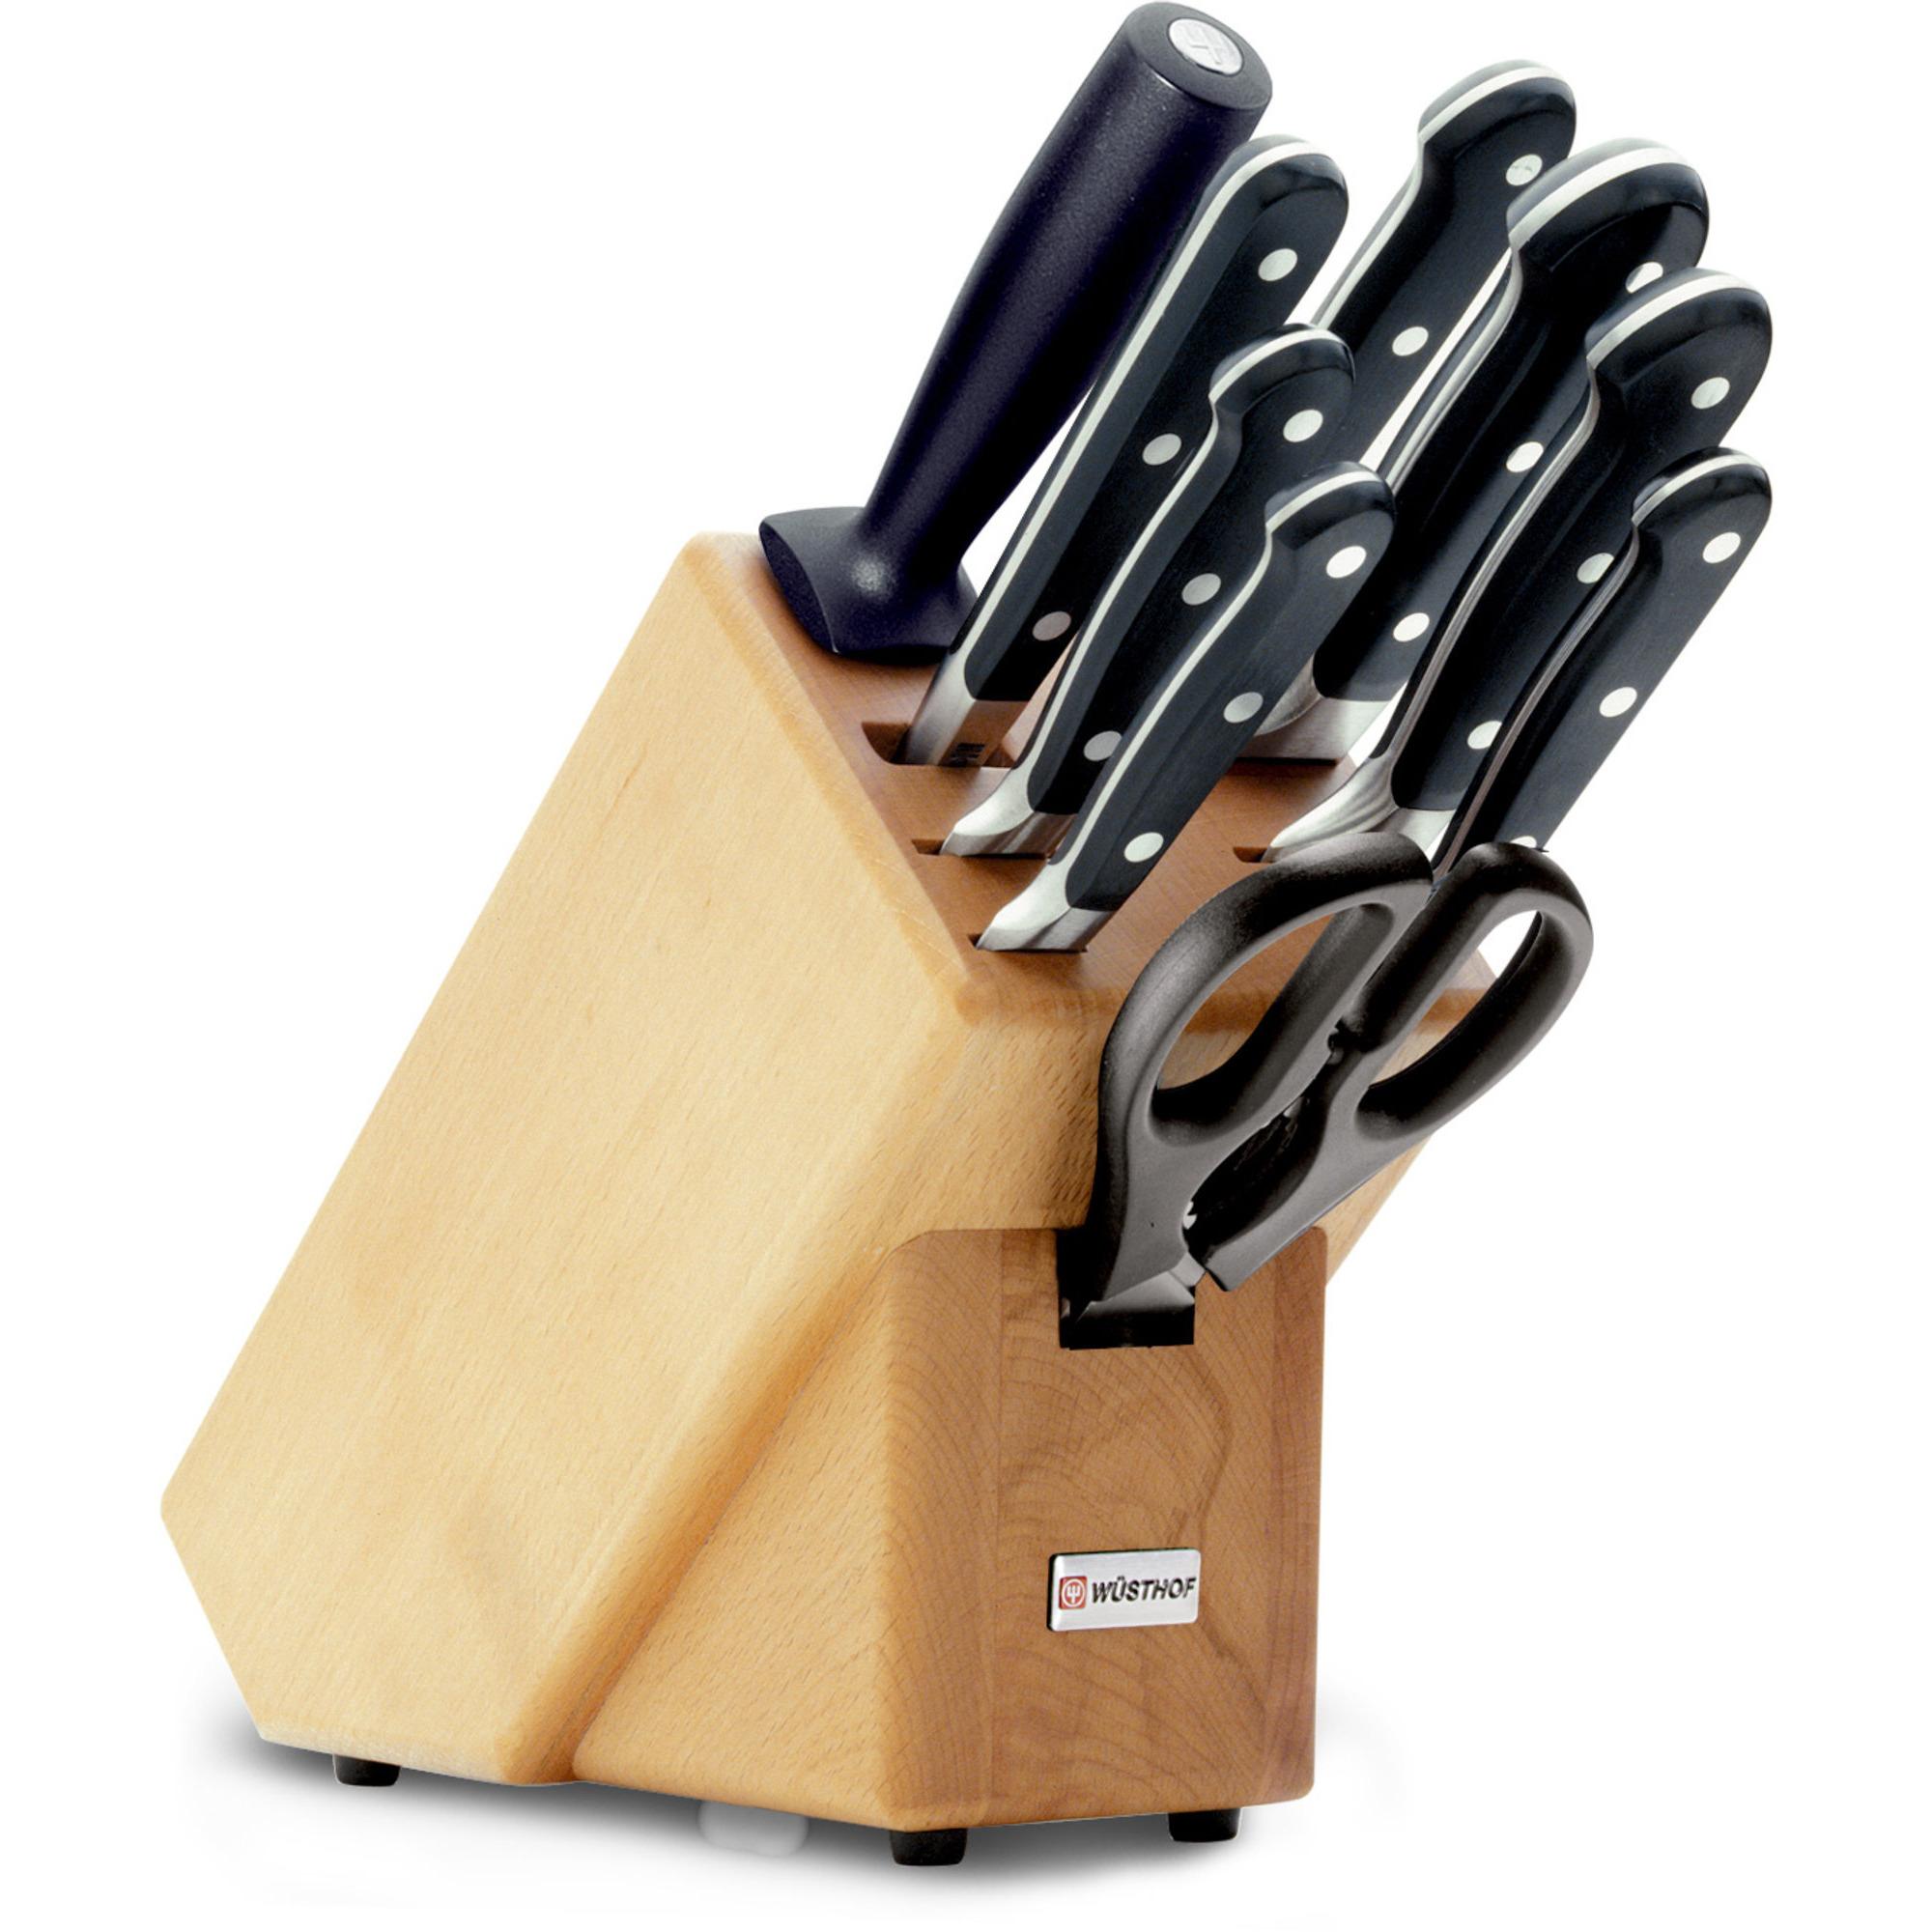 Wüsthof Classic Knivblock med 9 Knivar Bokträ